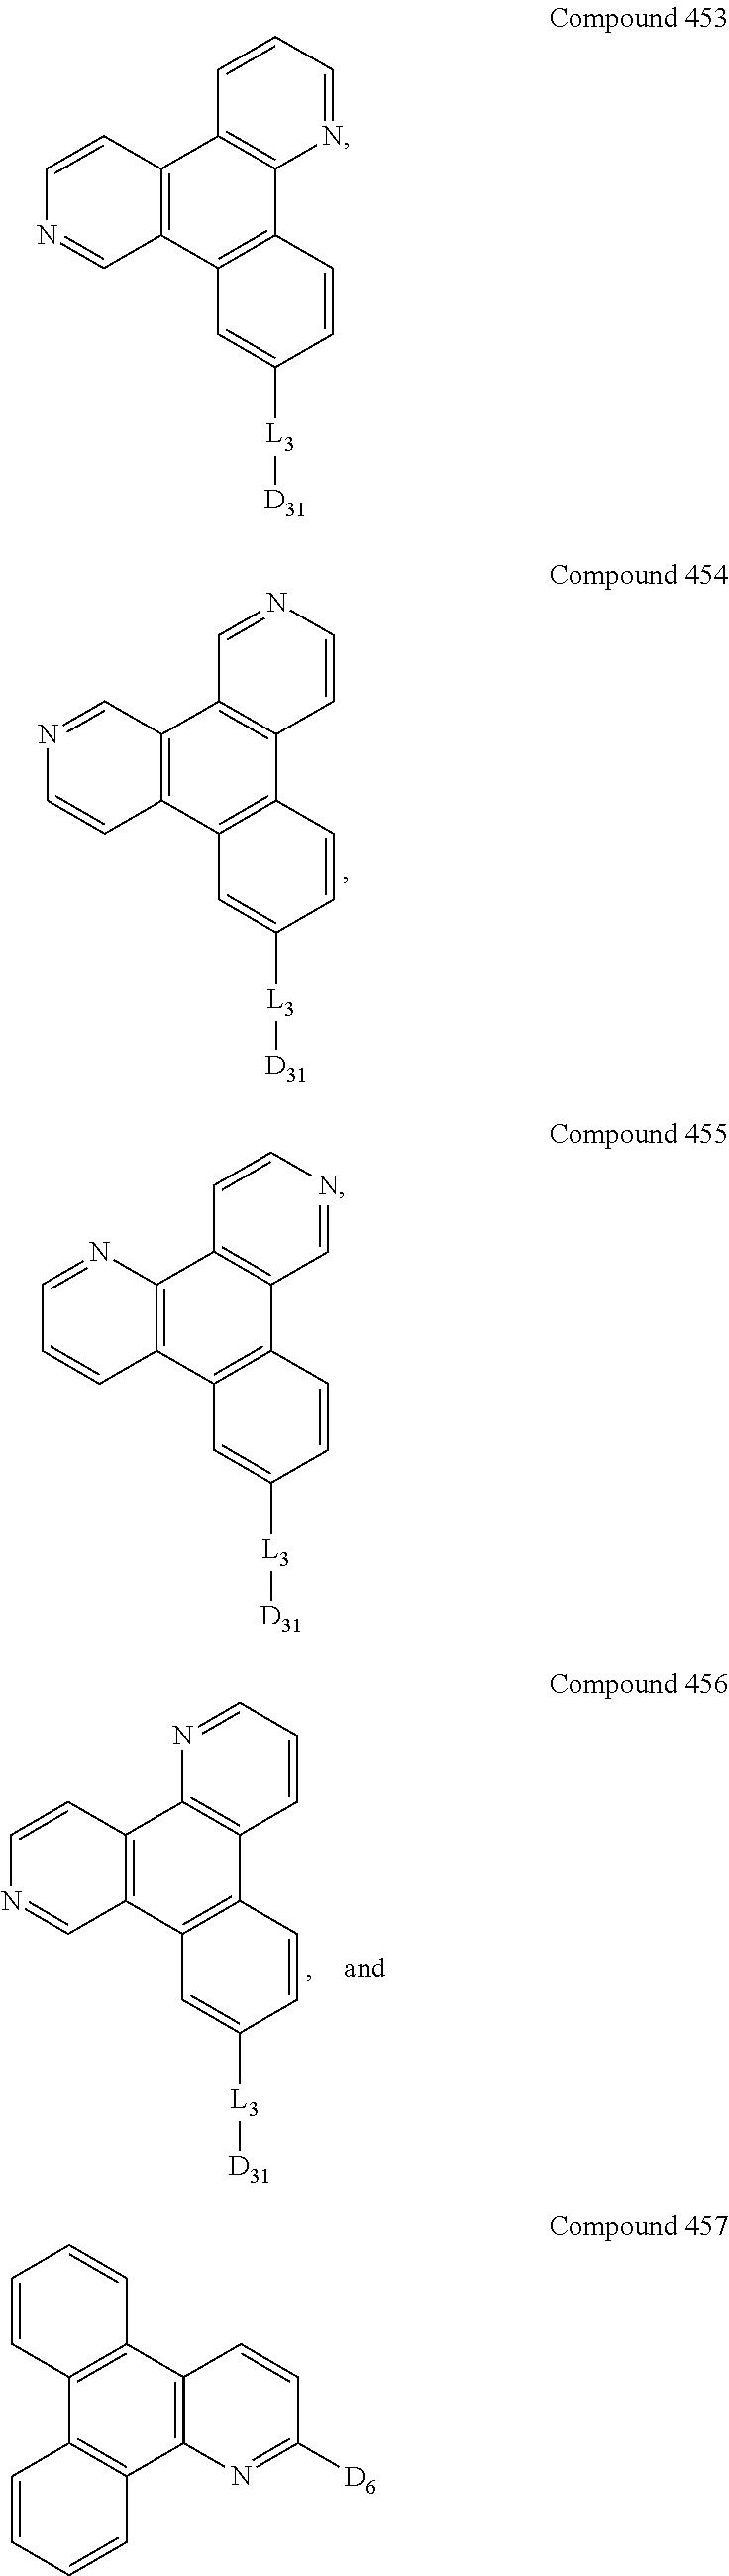 Figure US09537106-20170103-C00246